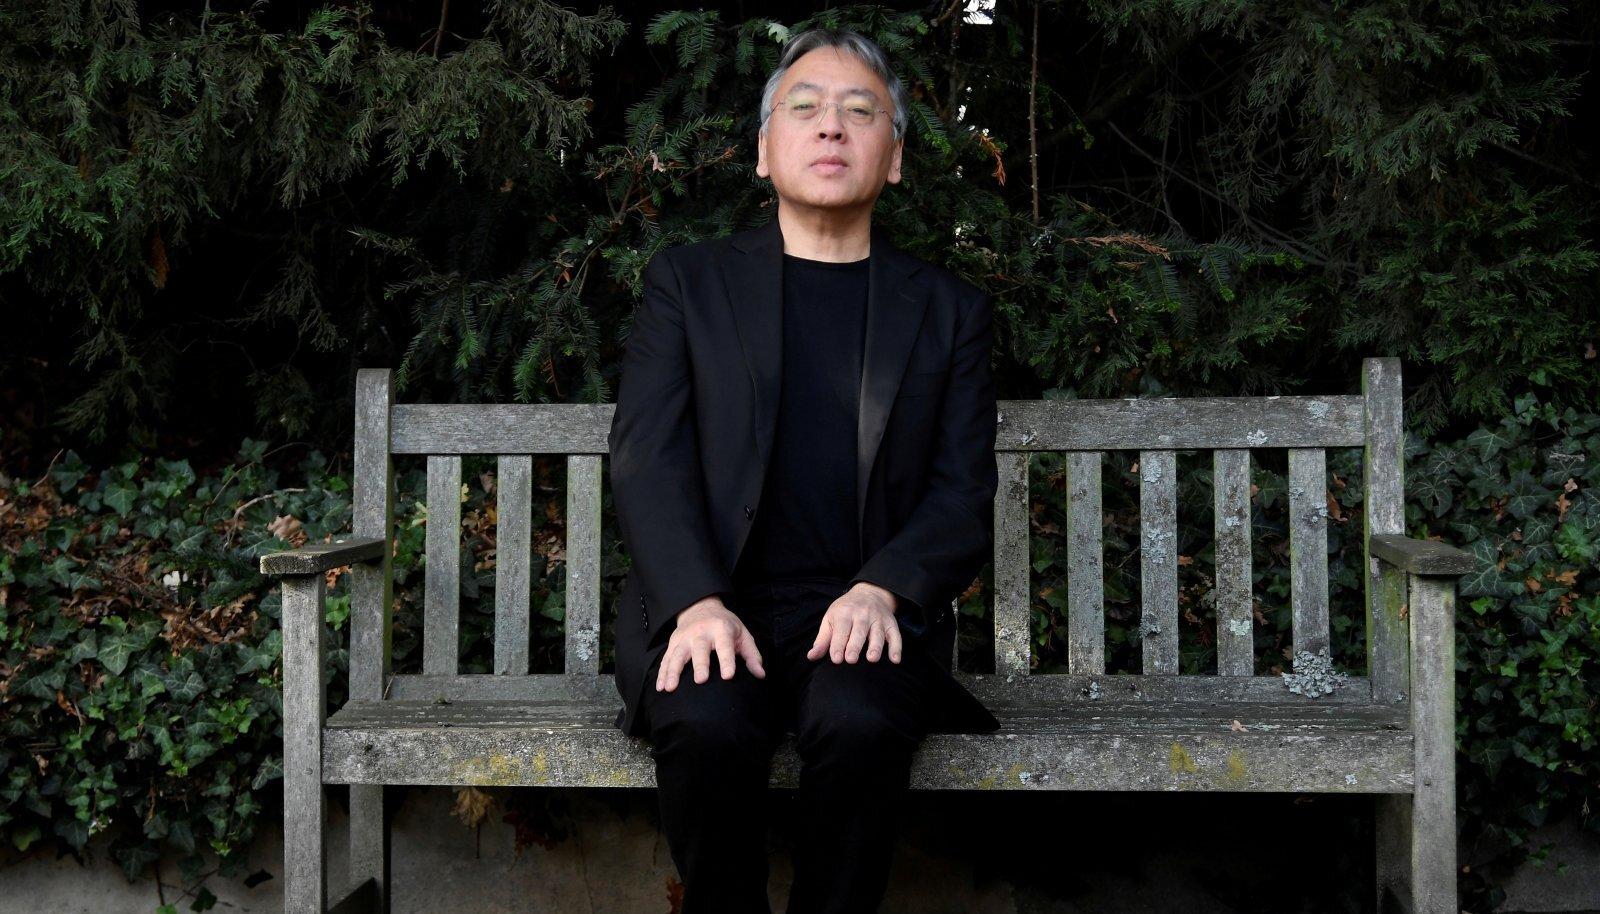 Kazuo Ishiguro on tunnistanud, et kasutab teostes sarnaseid tegelasi ja probleeme, millele ta annab uue kuju ja tegevuspaiga.